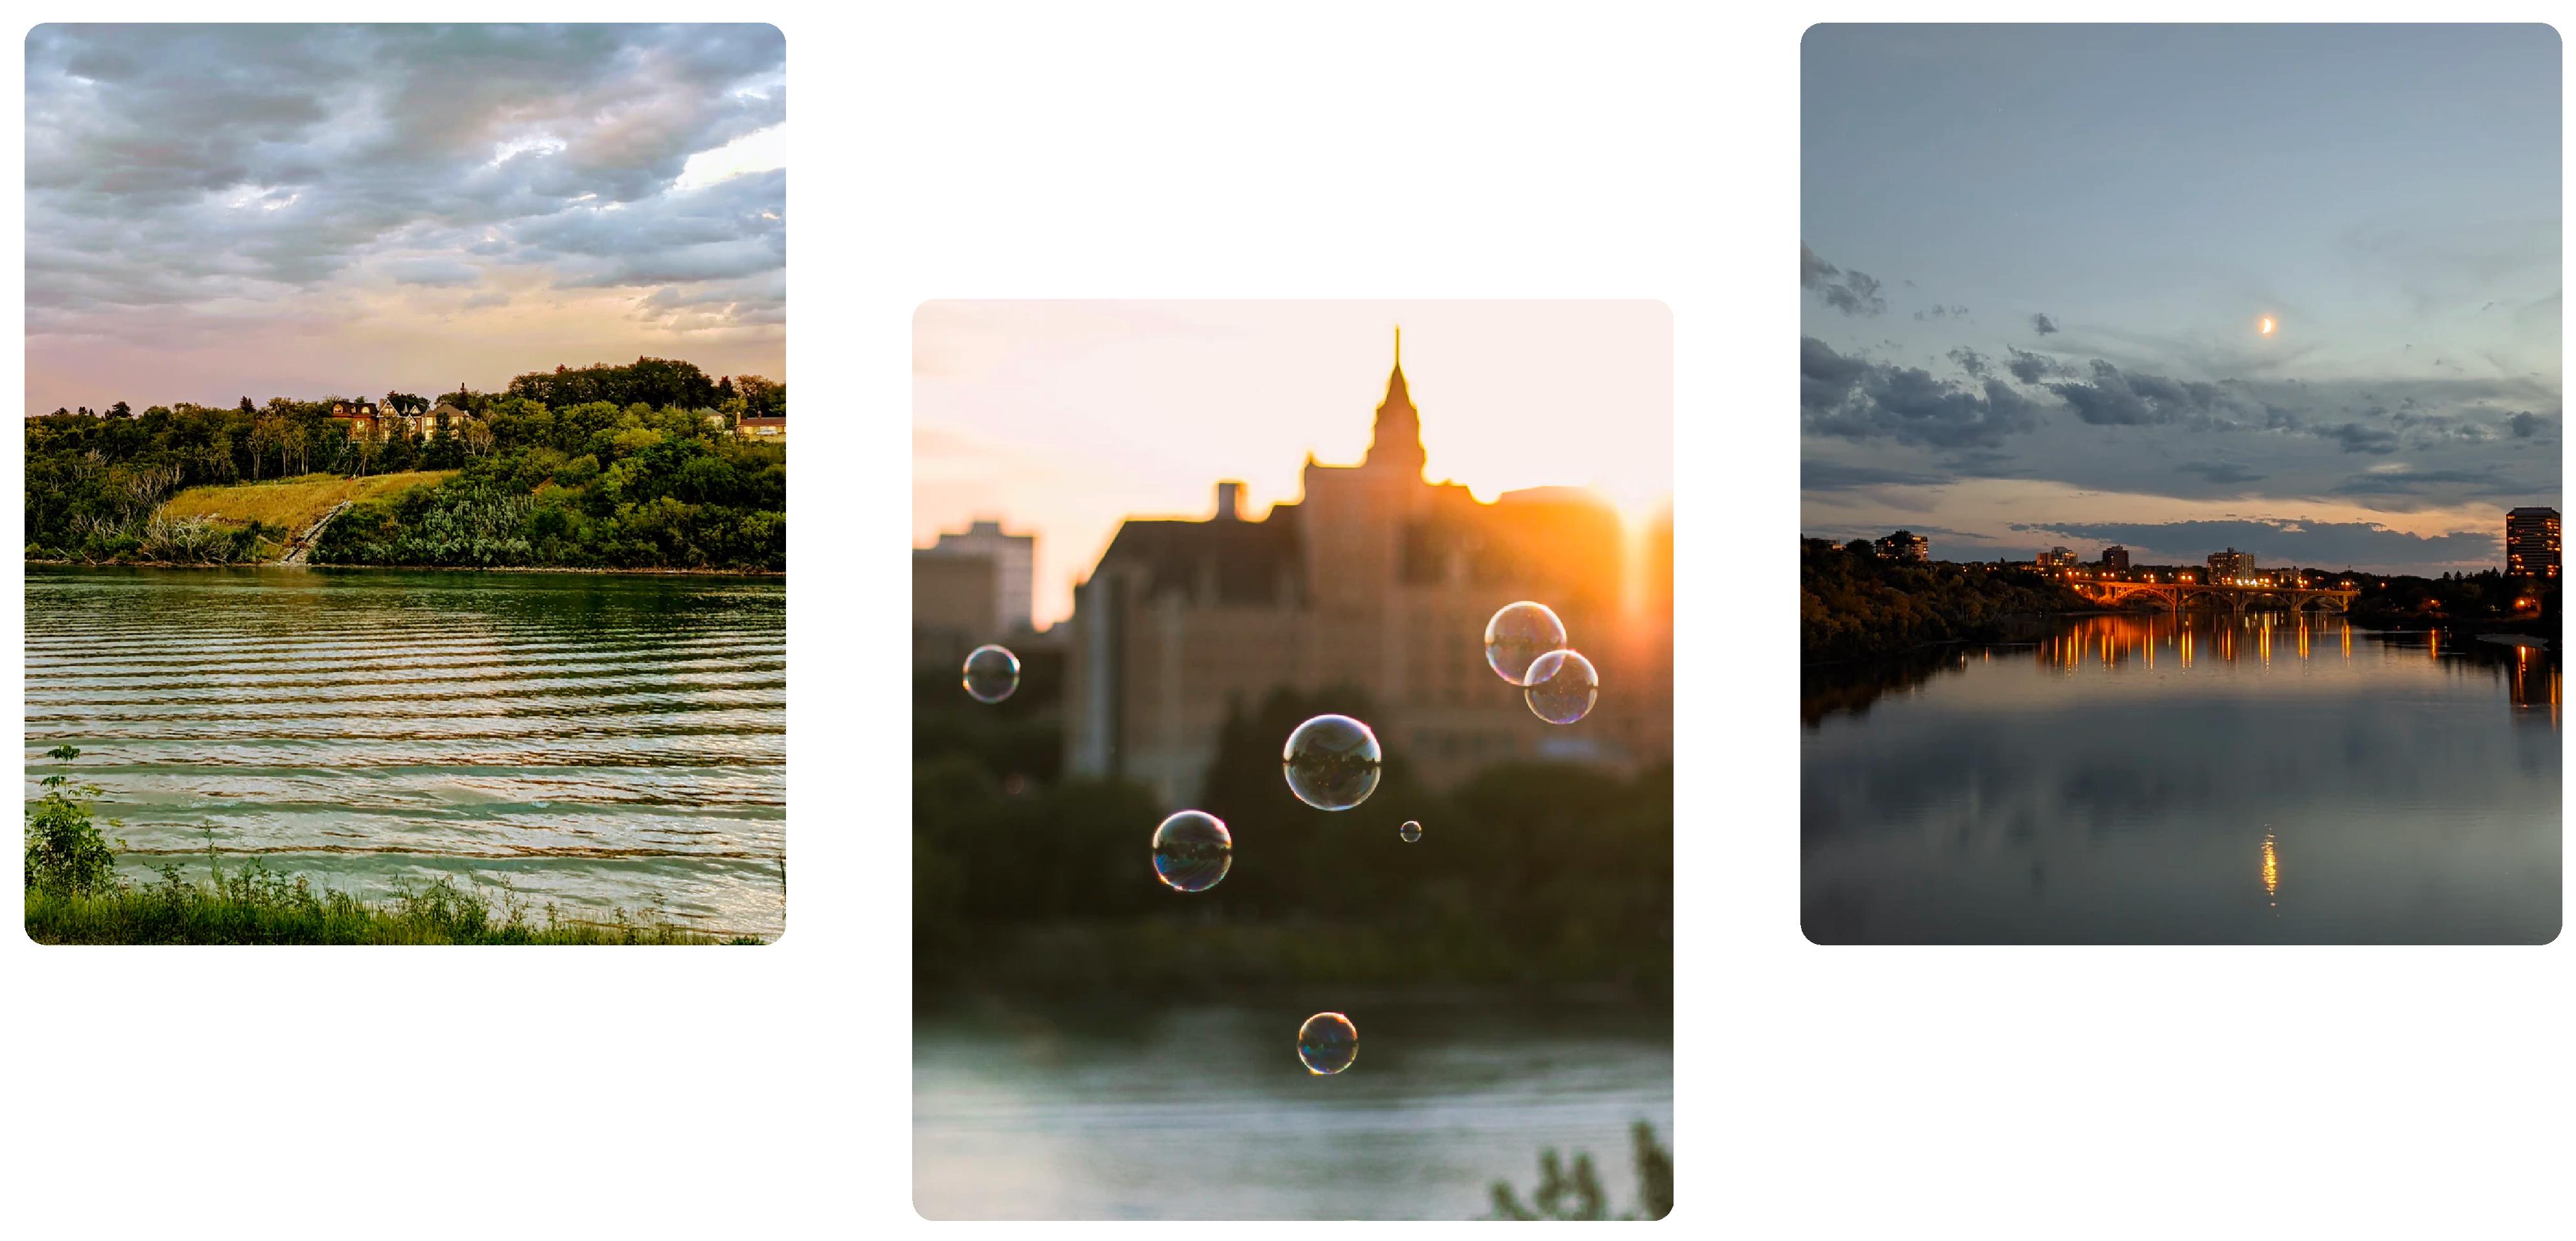 https://prodmtes.blob.core.windows.net/strapi/uploads/CE_images_21_3d69d26b0c.png